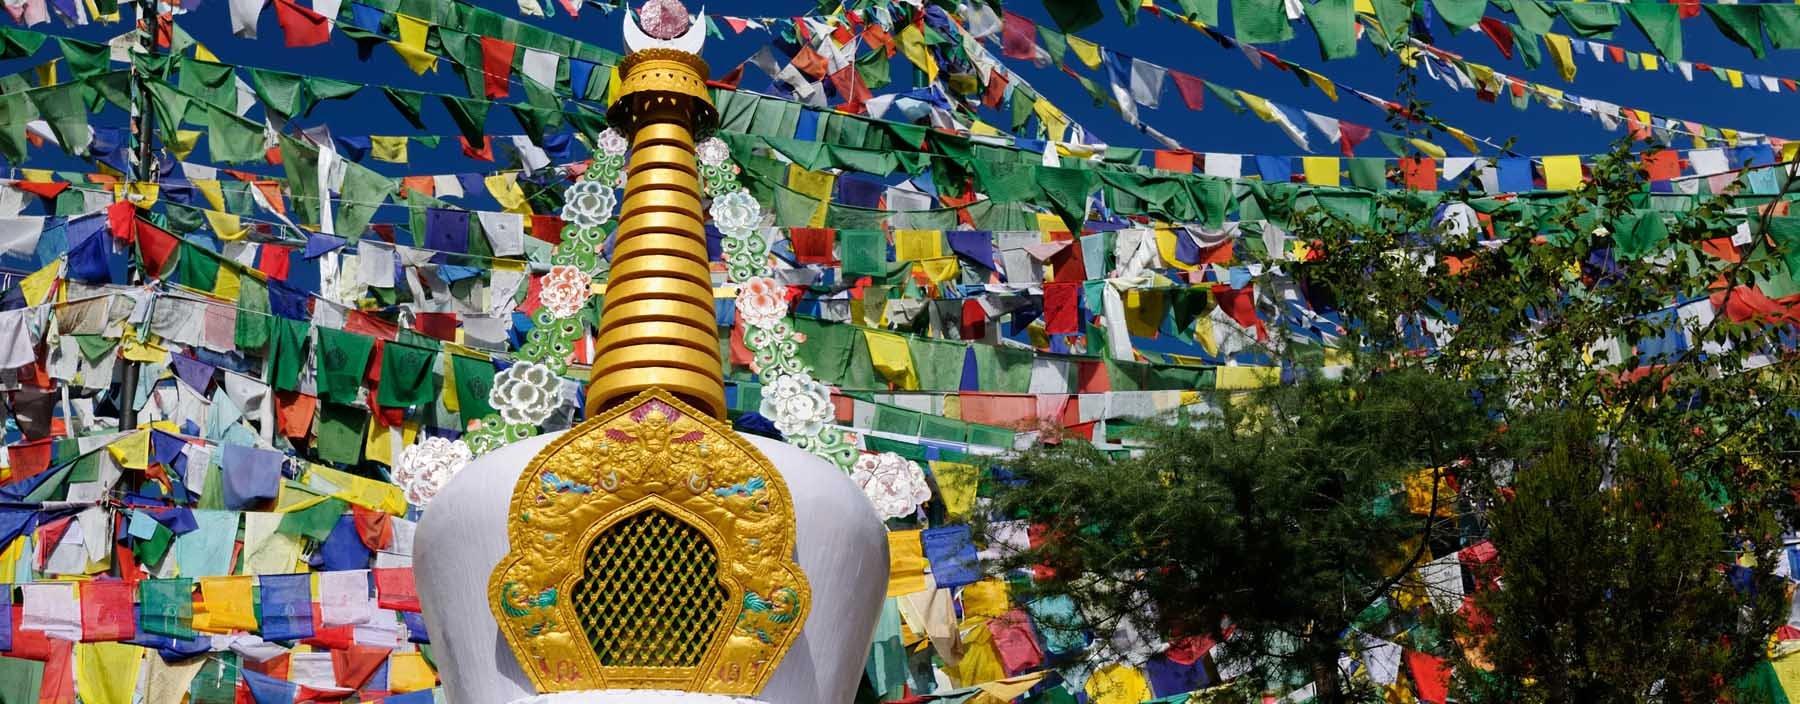 in, dharamsala, mcleod ganj (2).jpg